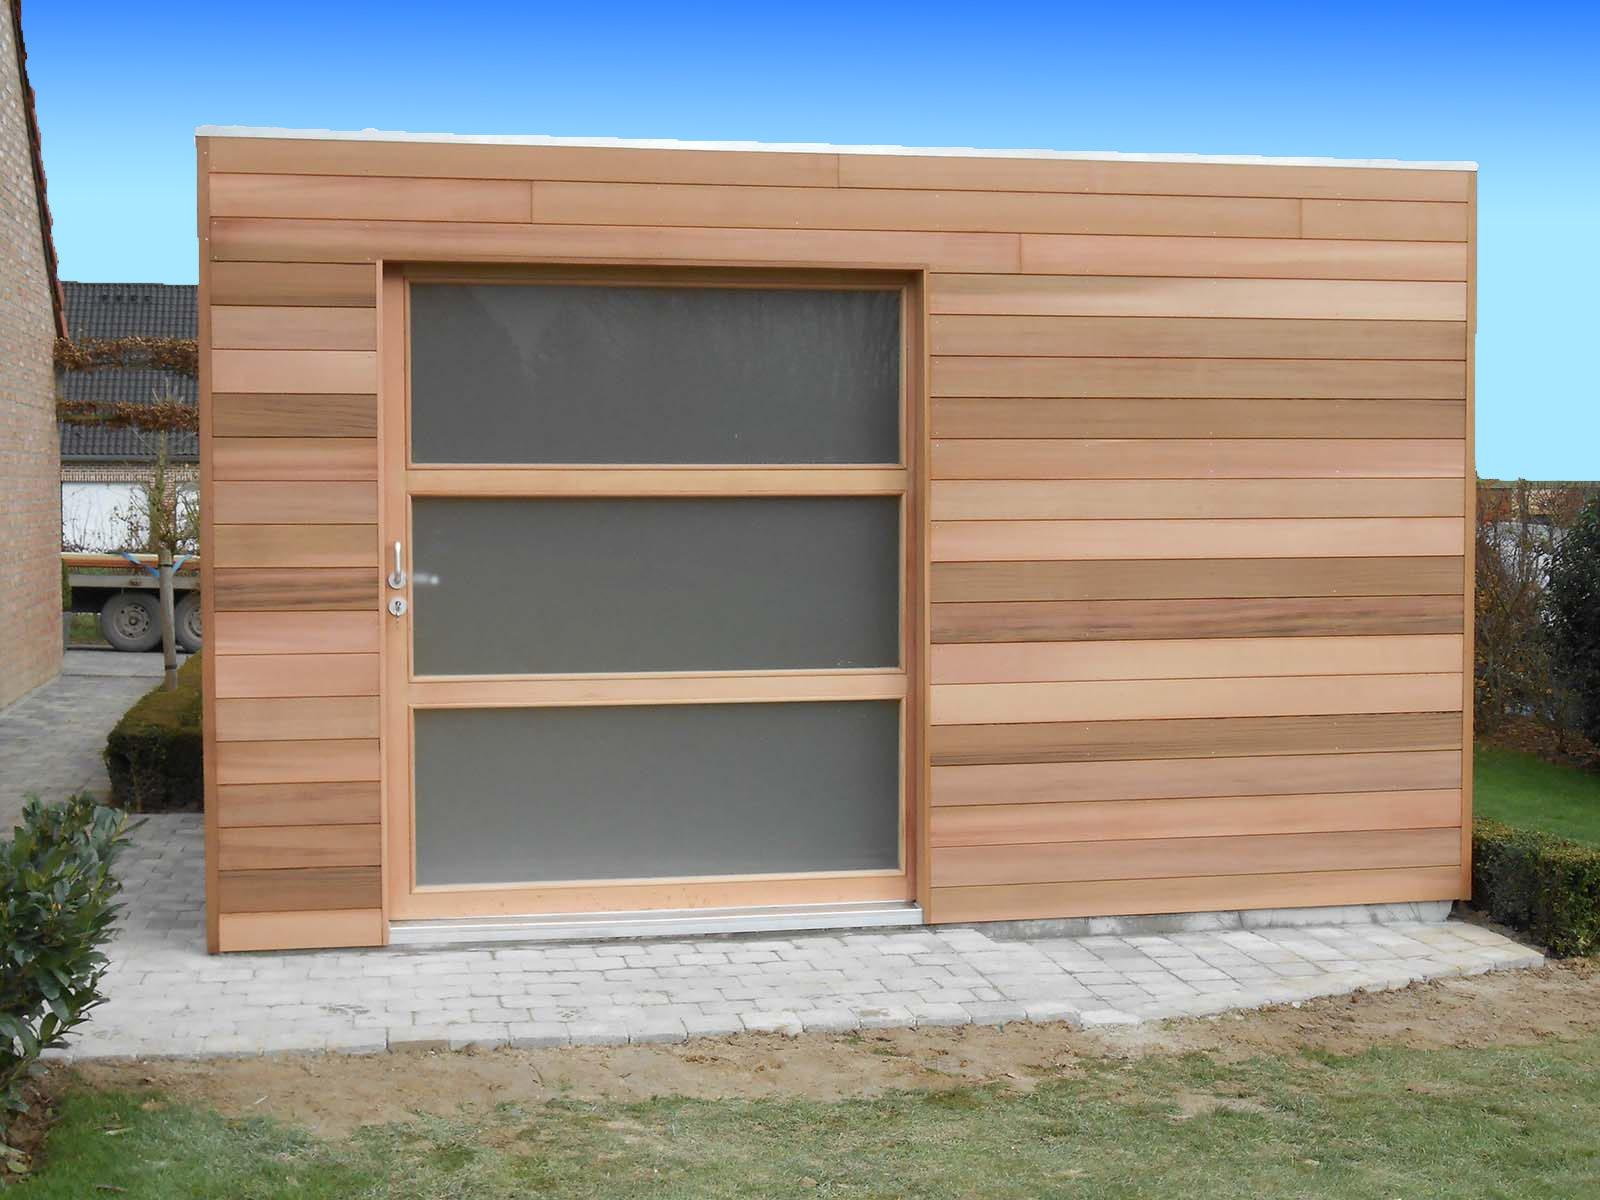 Fabricant Abri De Jardin Moderne Quadro - Abri Toit Plat ... avec Abri De Jardin Fabricant